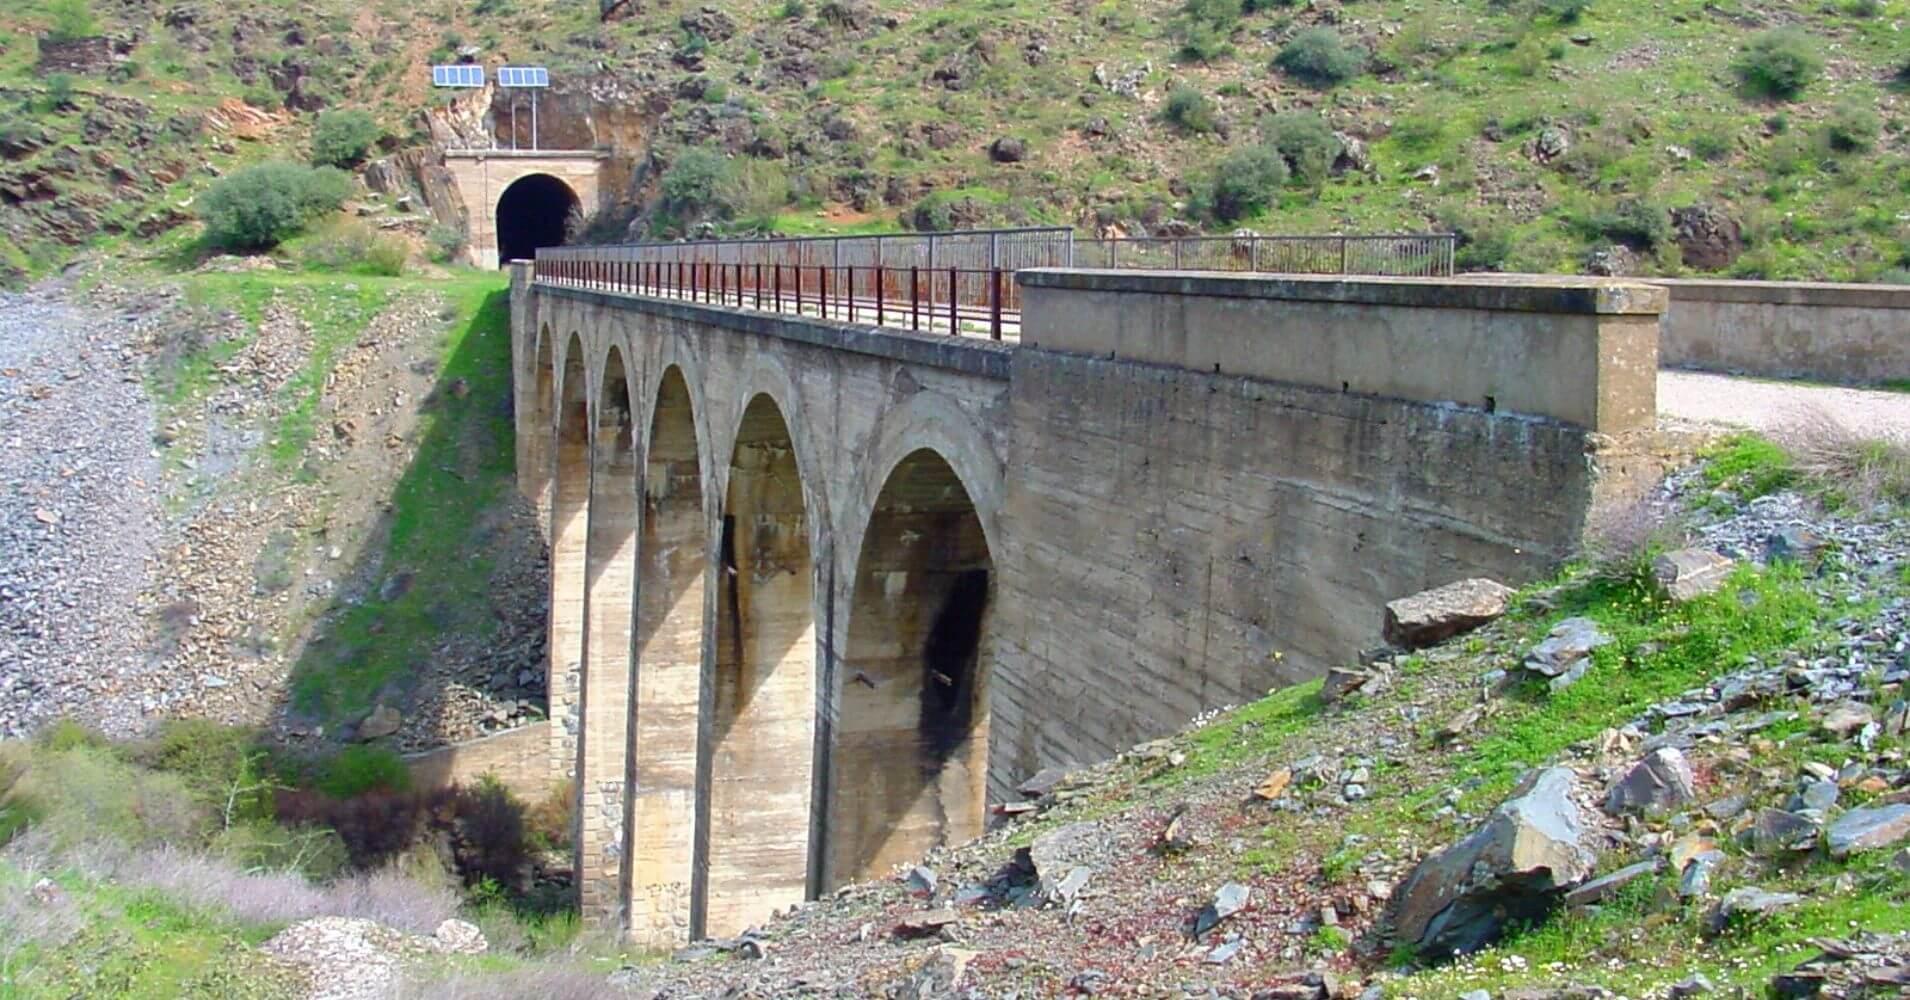 Viaducto y Túnel numero 11. Vía Verde de la Jara. Toledo. Castilla la Mancha.